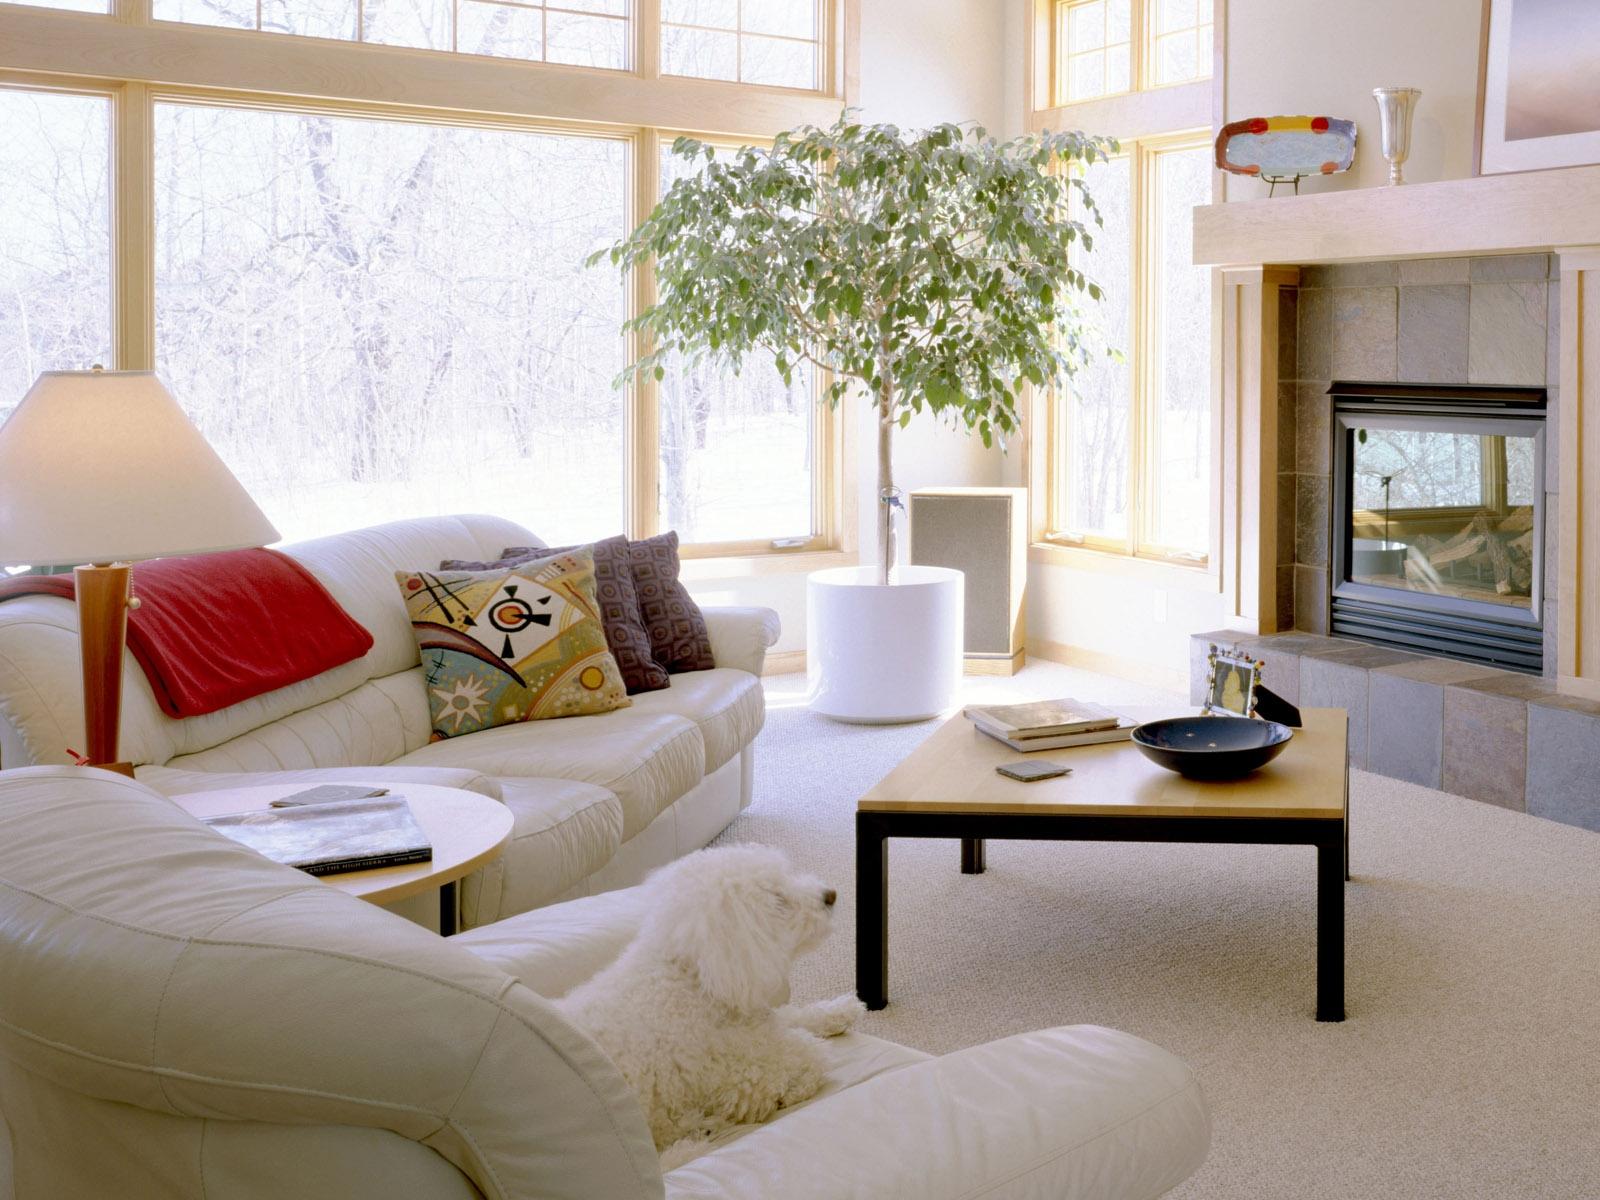 Fenster Zimmer Tabelle Fernseher Innenarchitektur Htte Immobilien Sofa Entwurf Stock Zuhause Wohnung Eigentumswohnung Mbel Komfort Kissen